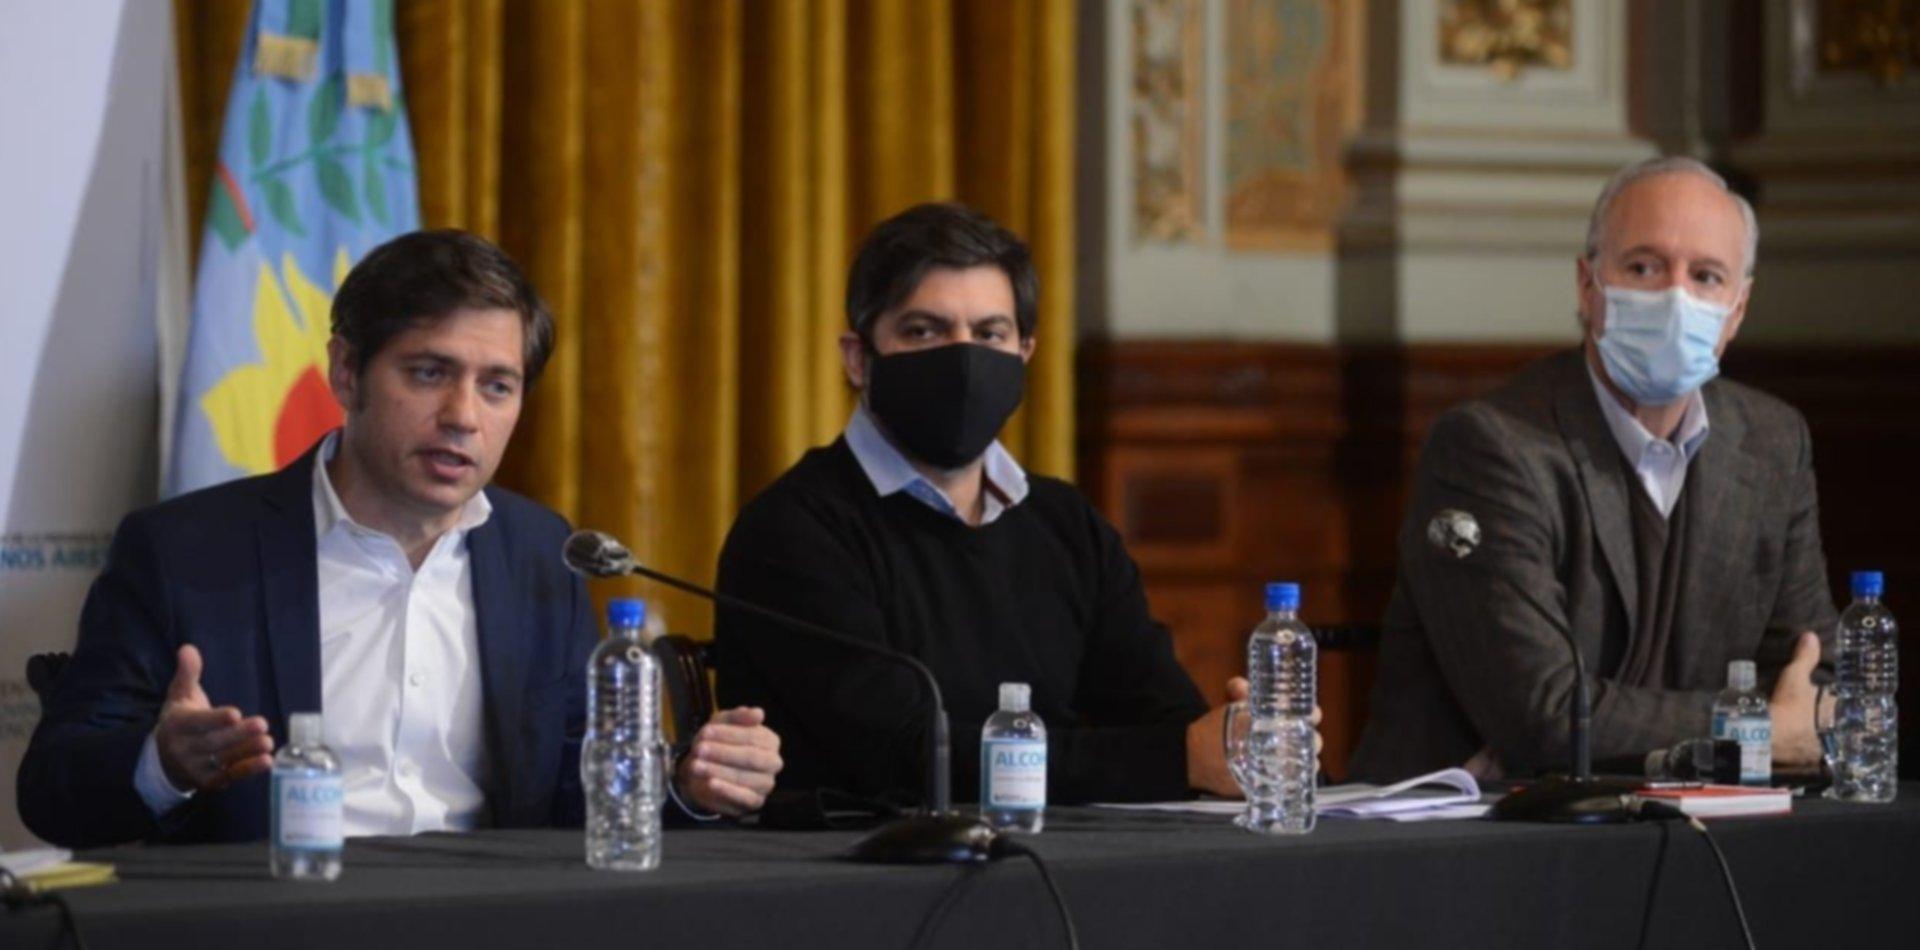 Advierten que en La Plata y la provincia hay que retroceder la fase de la cuarentena